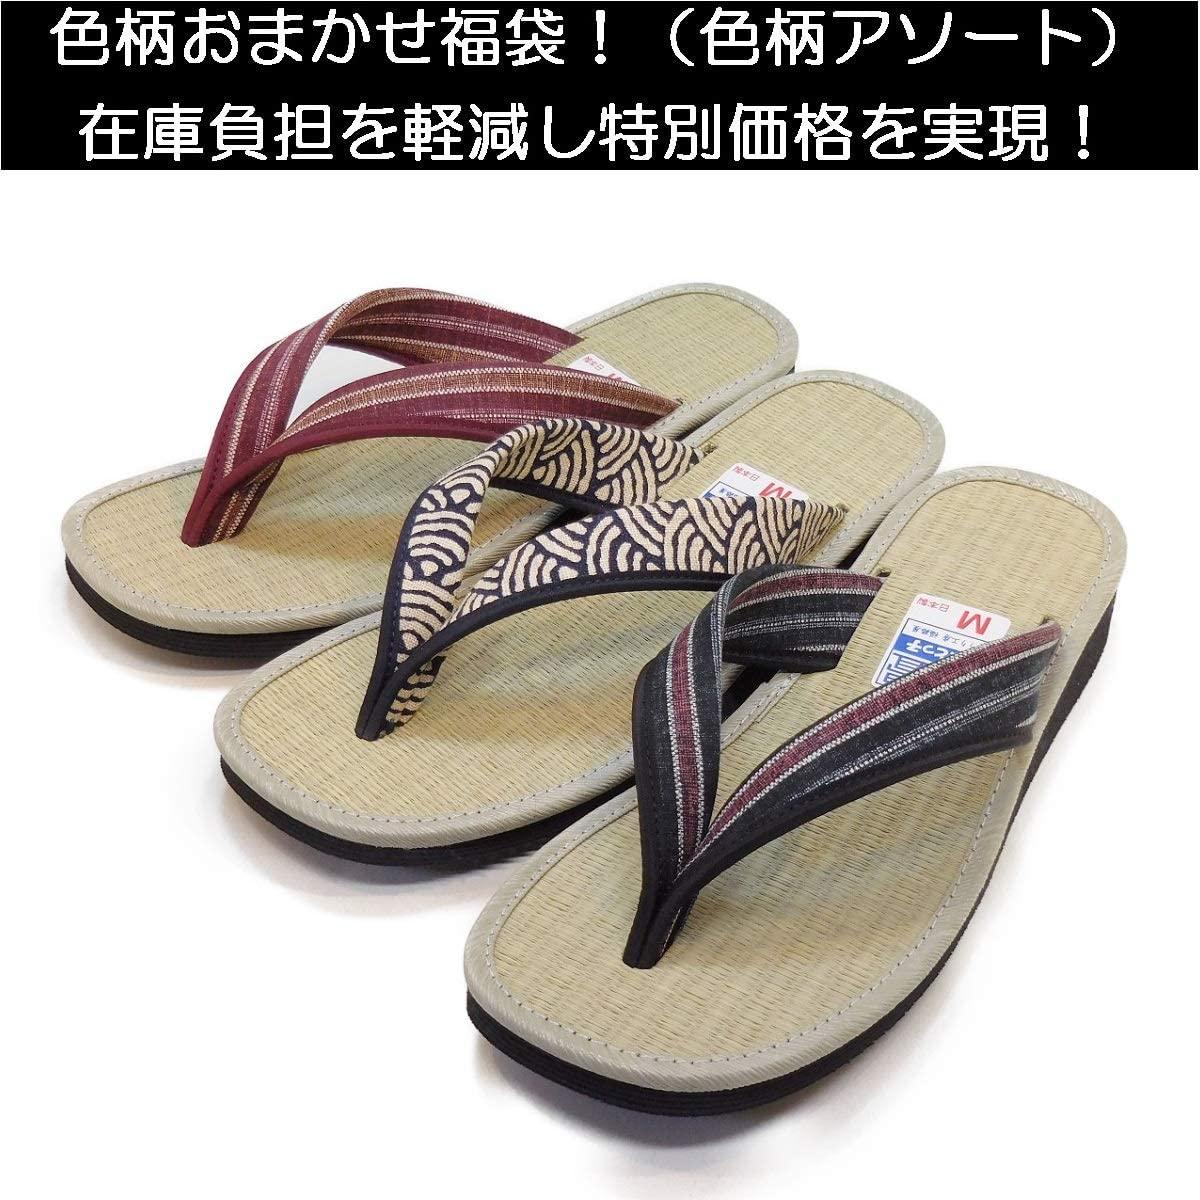 やまとっ子(ヤマトッコ) 本畳ぞうり 男性用の商品画像6